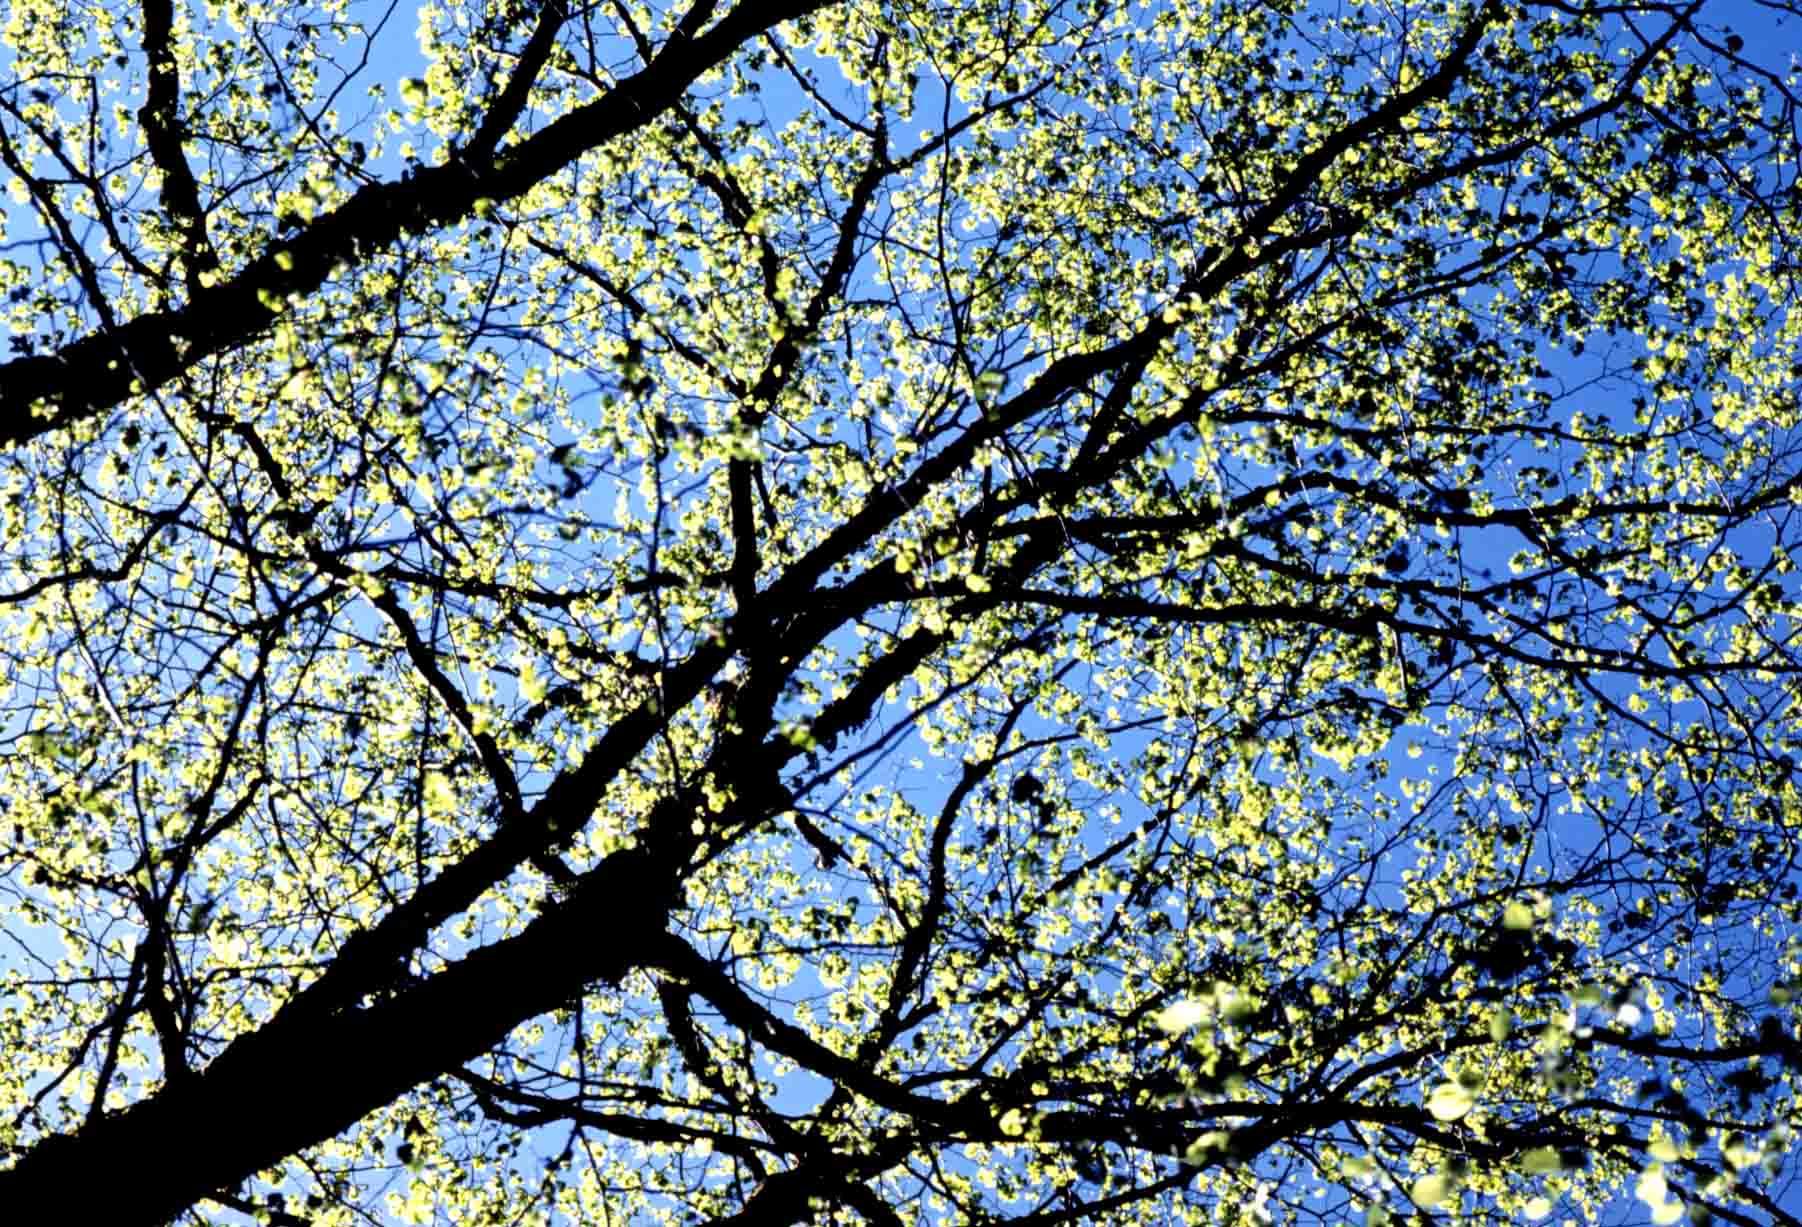 朝日を浴びる芽吹く新緑樹